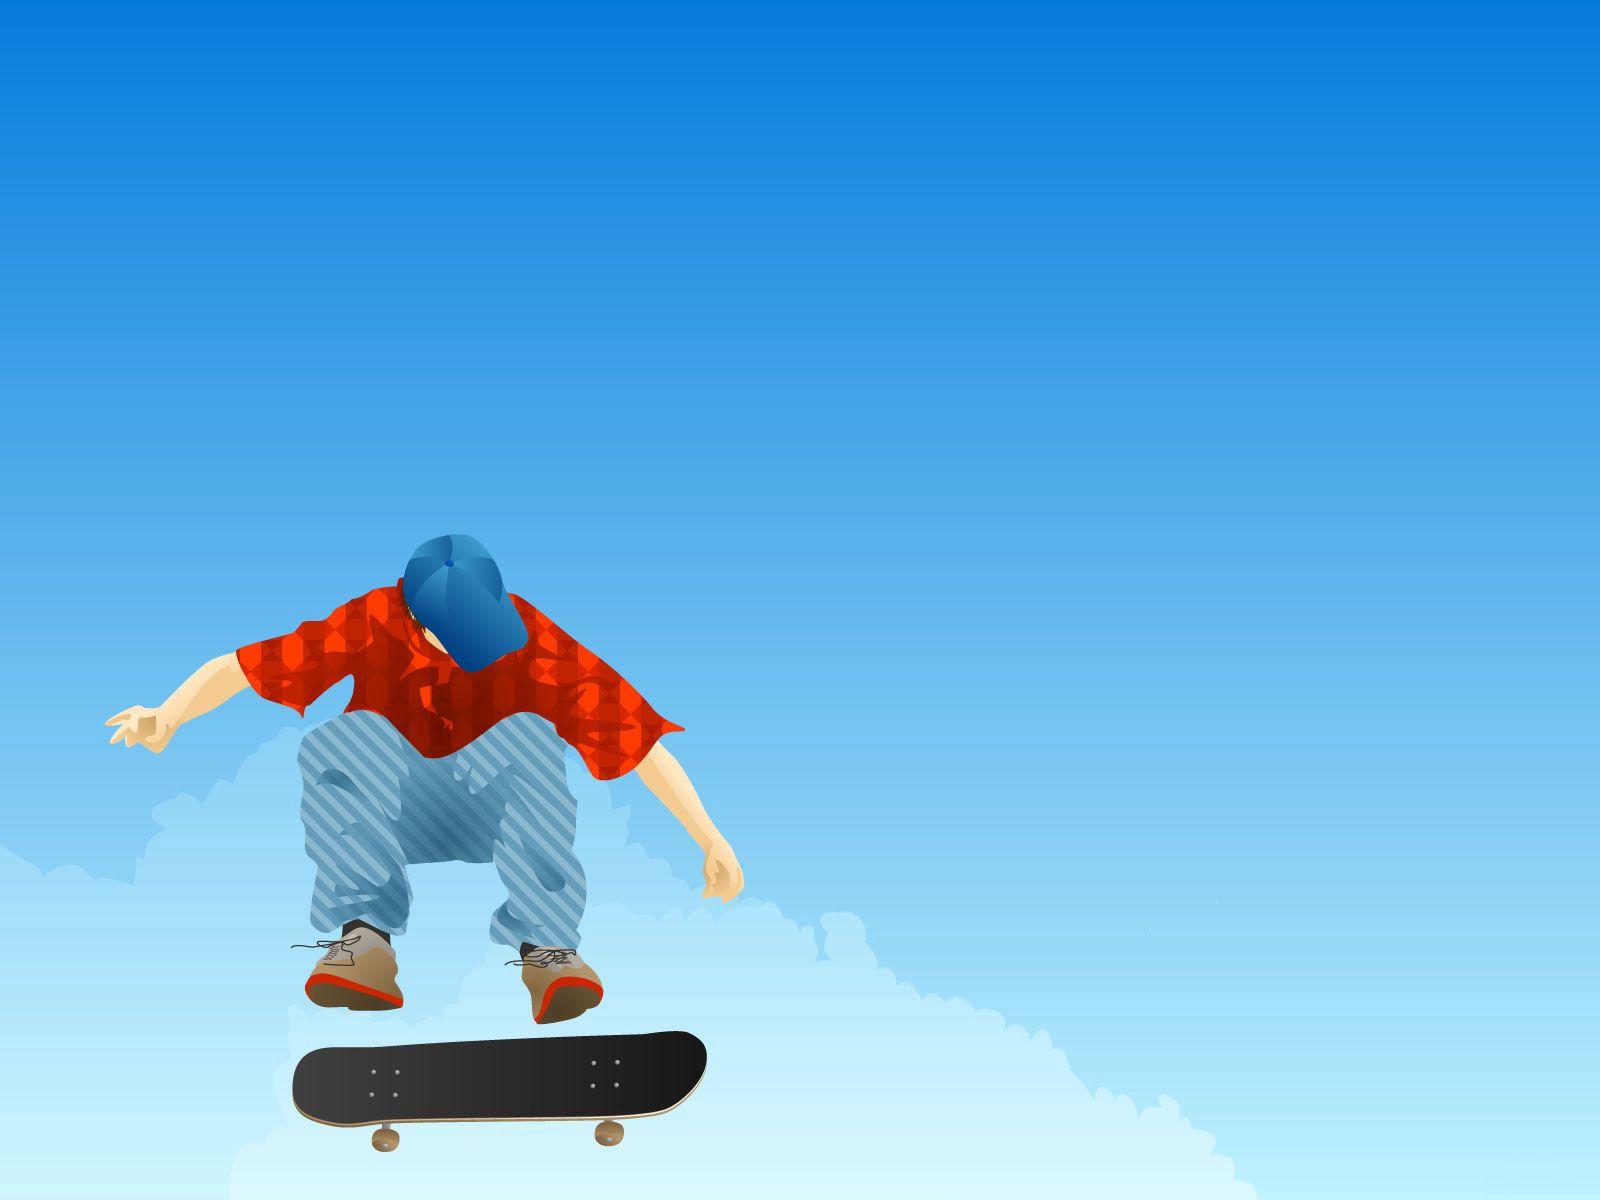 138104 скачать обои Вектор, Парень, Скейтборд, Прыжок, Кепка, Одежда - заставки и картинки бесплатно